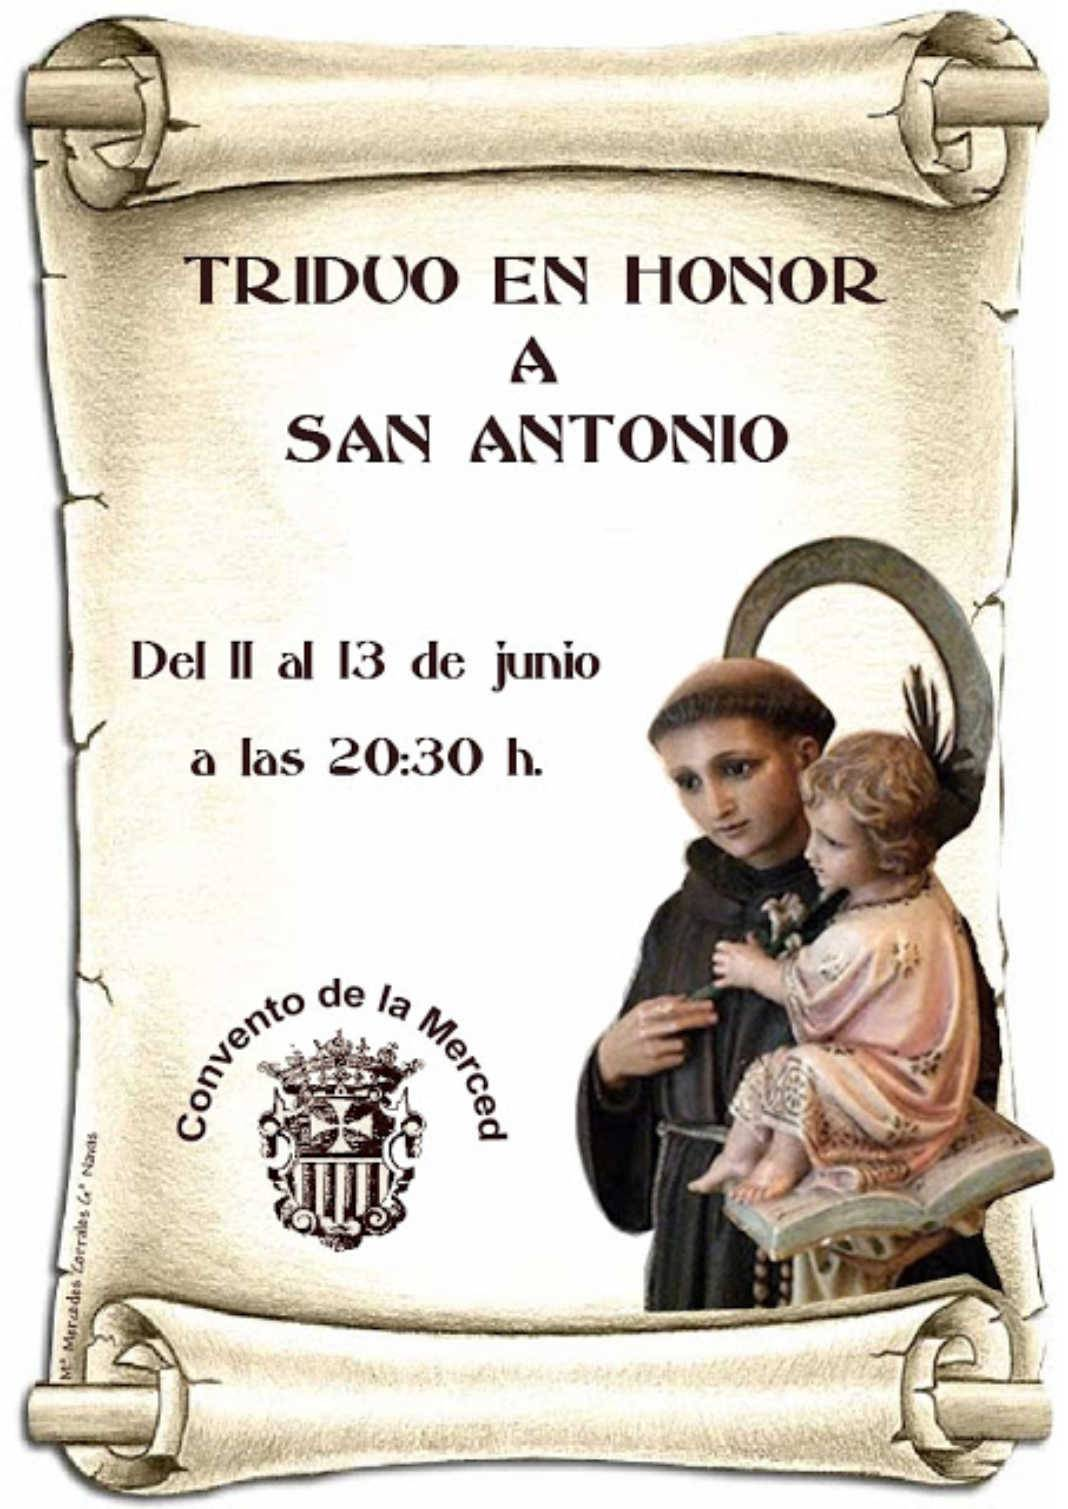 Triduo en honor a San Antonio del 11 al 13 de junio 7